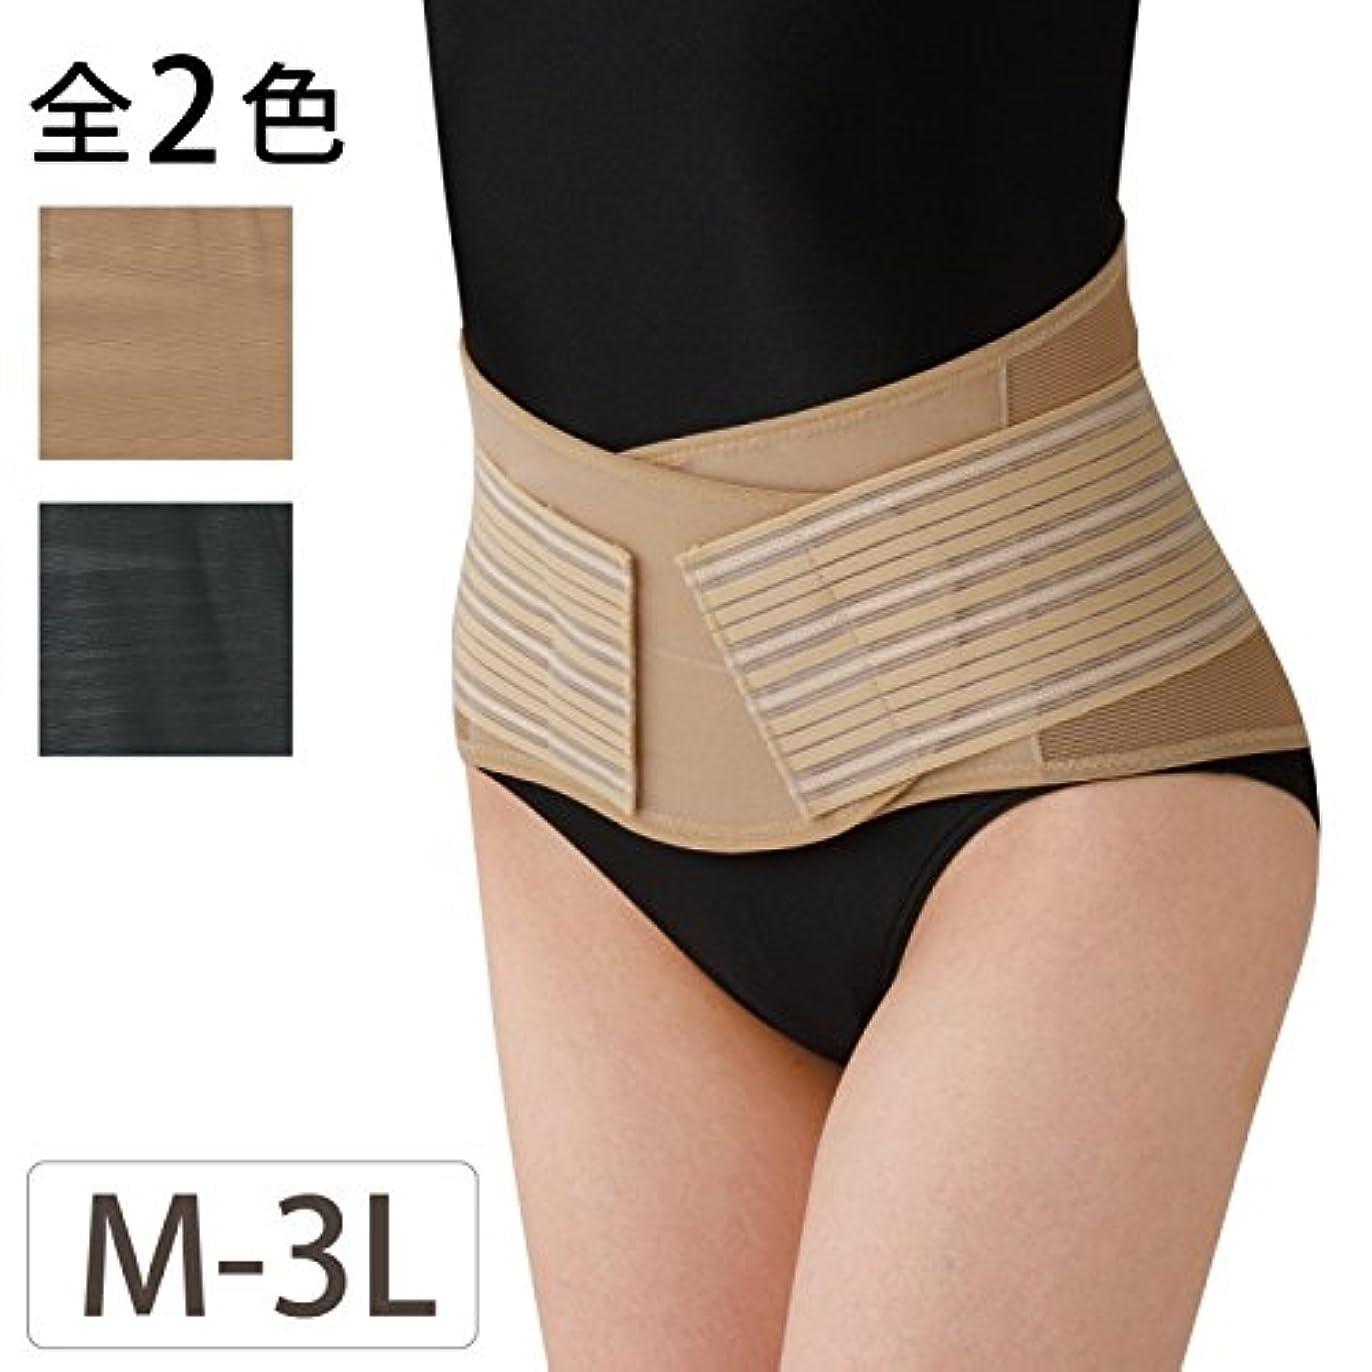 副詞シャーロックホームズマイクロフォン骨盤ベルト 腰痛ベルト ウエストベルト 薄くても腰をしっかり支えるコルセット M-3L 全2色